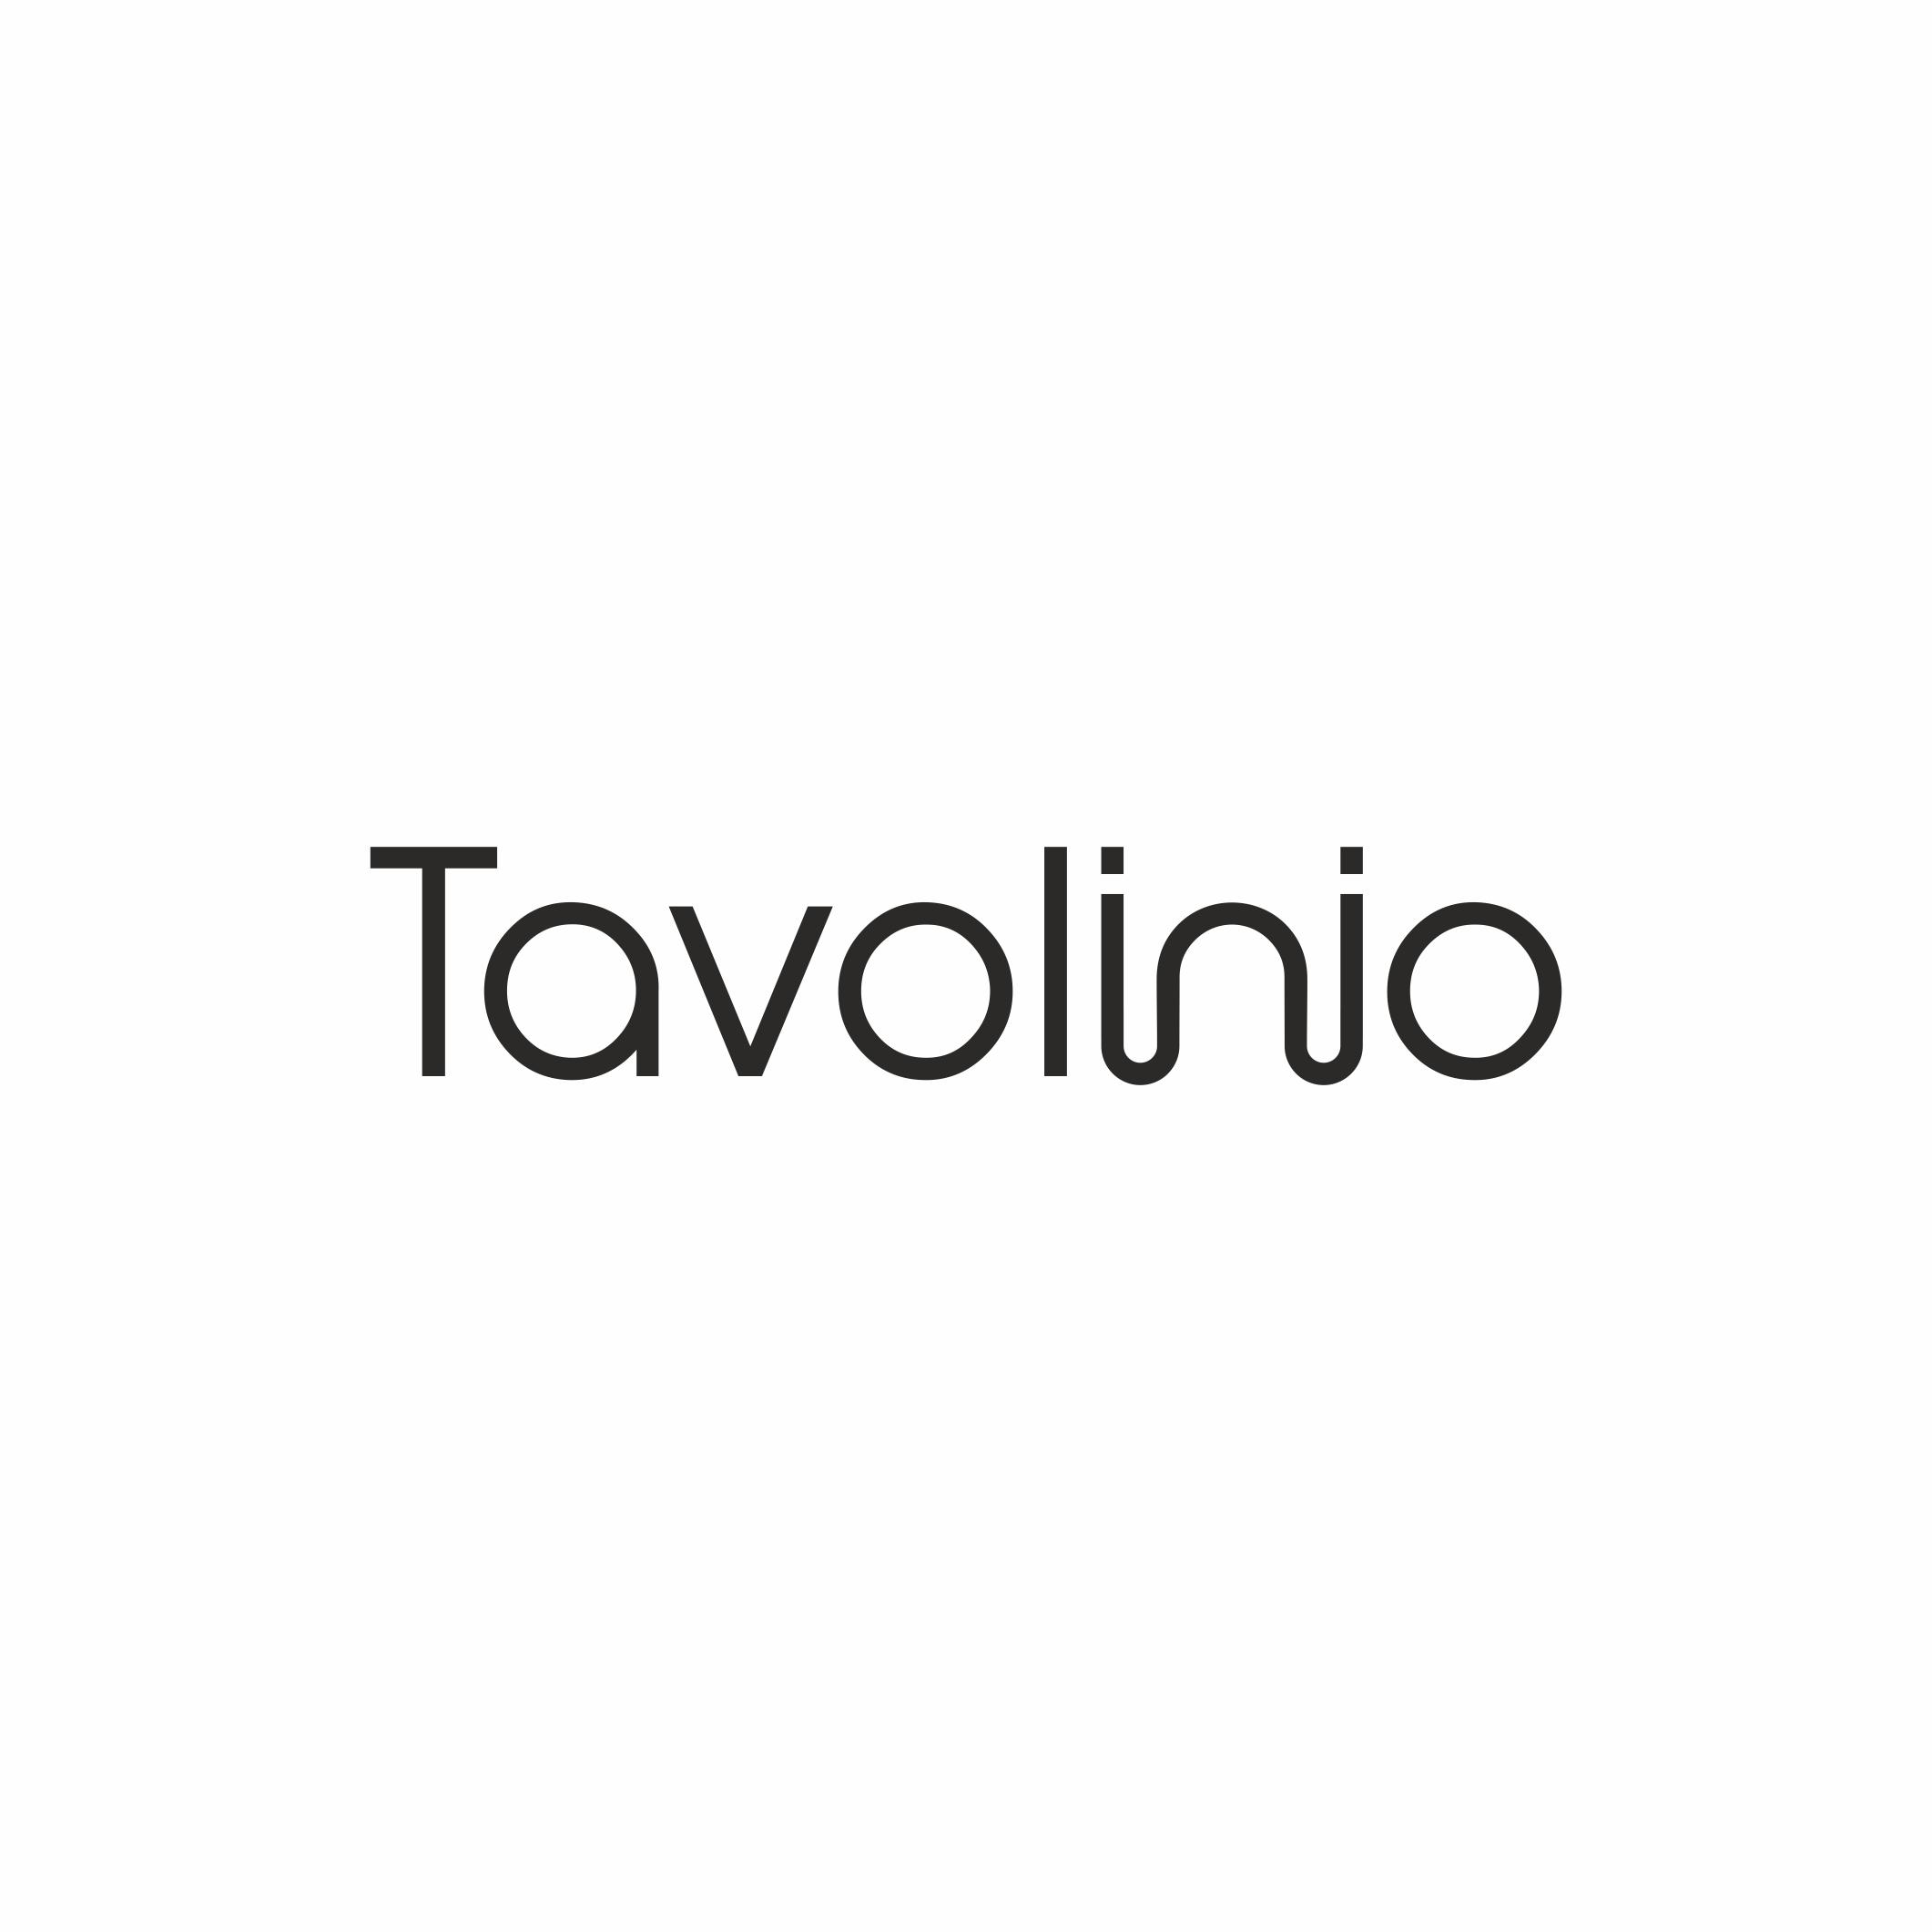 Tavolinio Romania